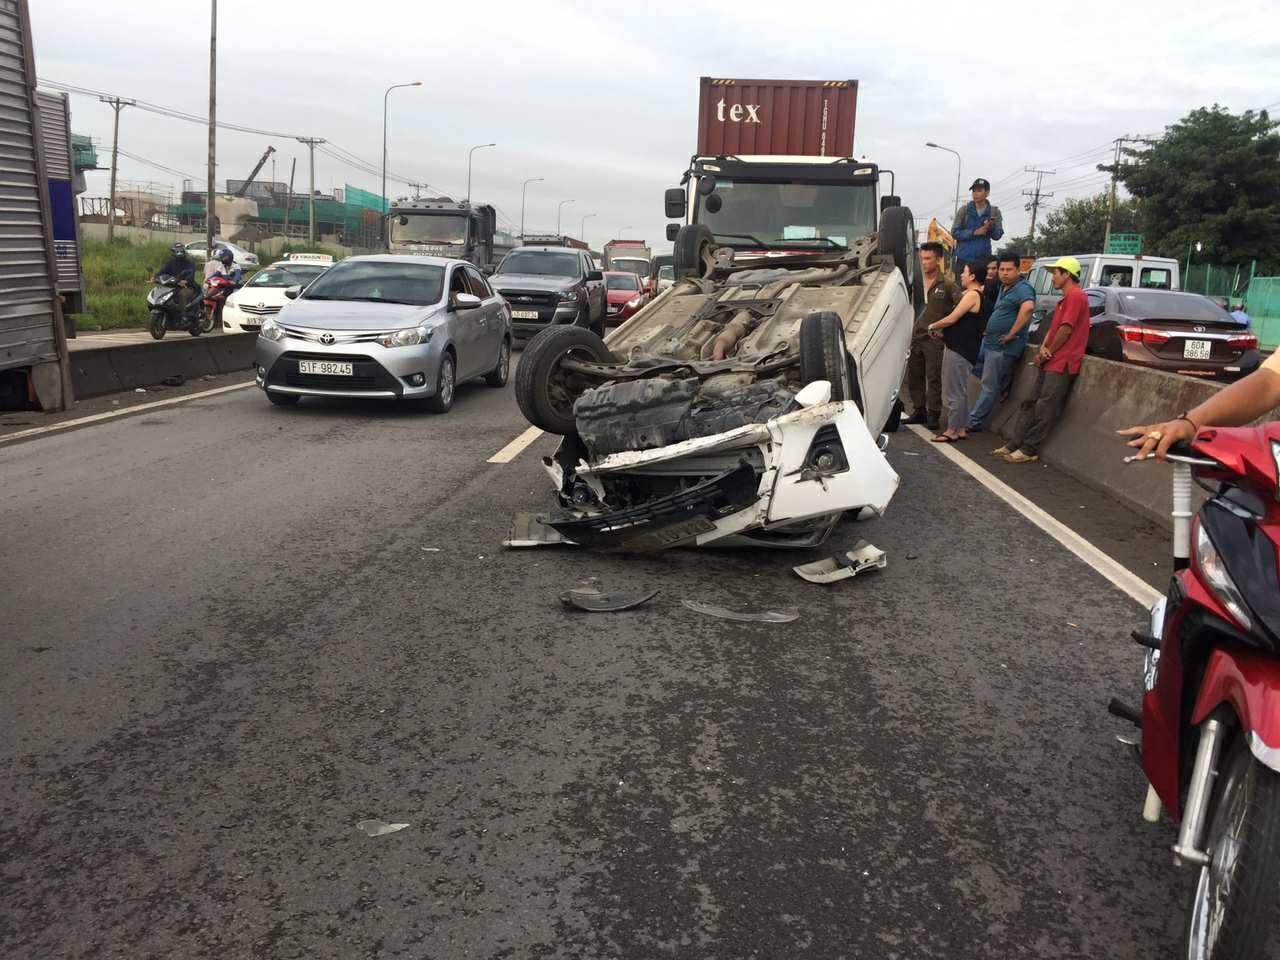 tai nạn, quốc lộ 1, Bình Dương,tai nạn giao thông